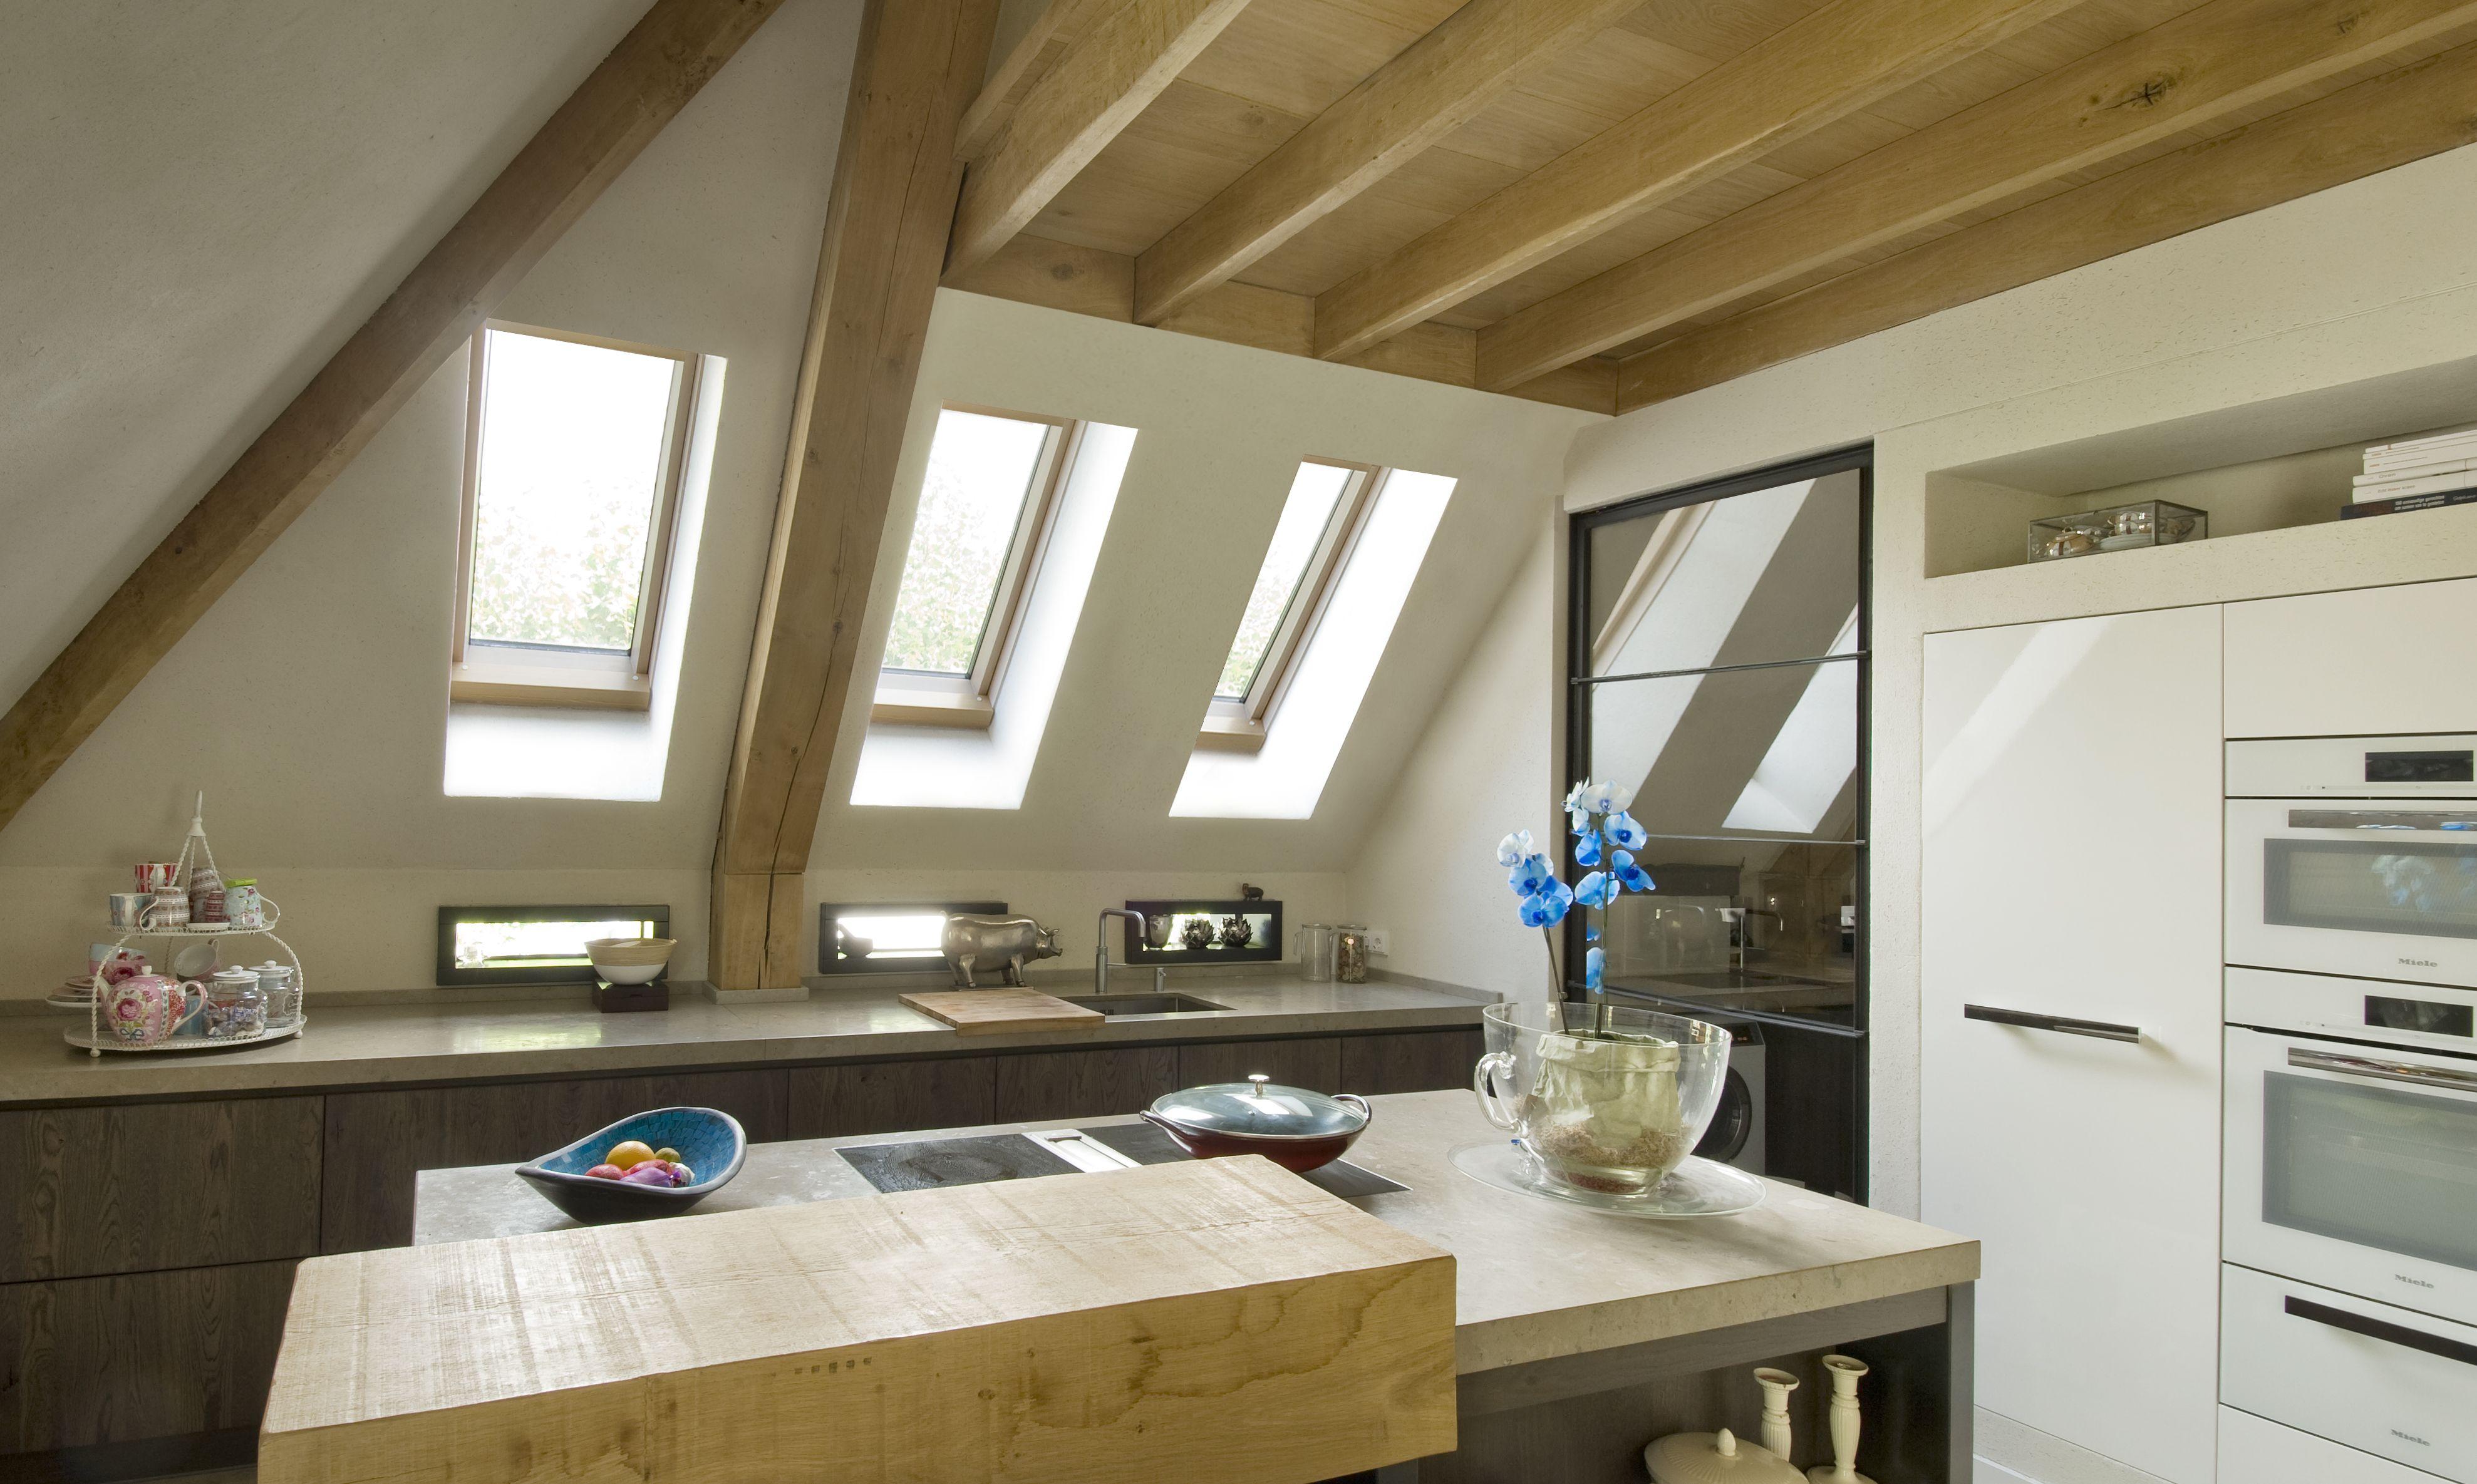 Daglicht Je Keuken : Inspiratie voor licht in uw keuken met een schuine wand. kijk voor